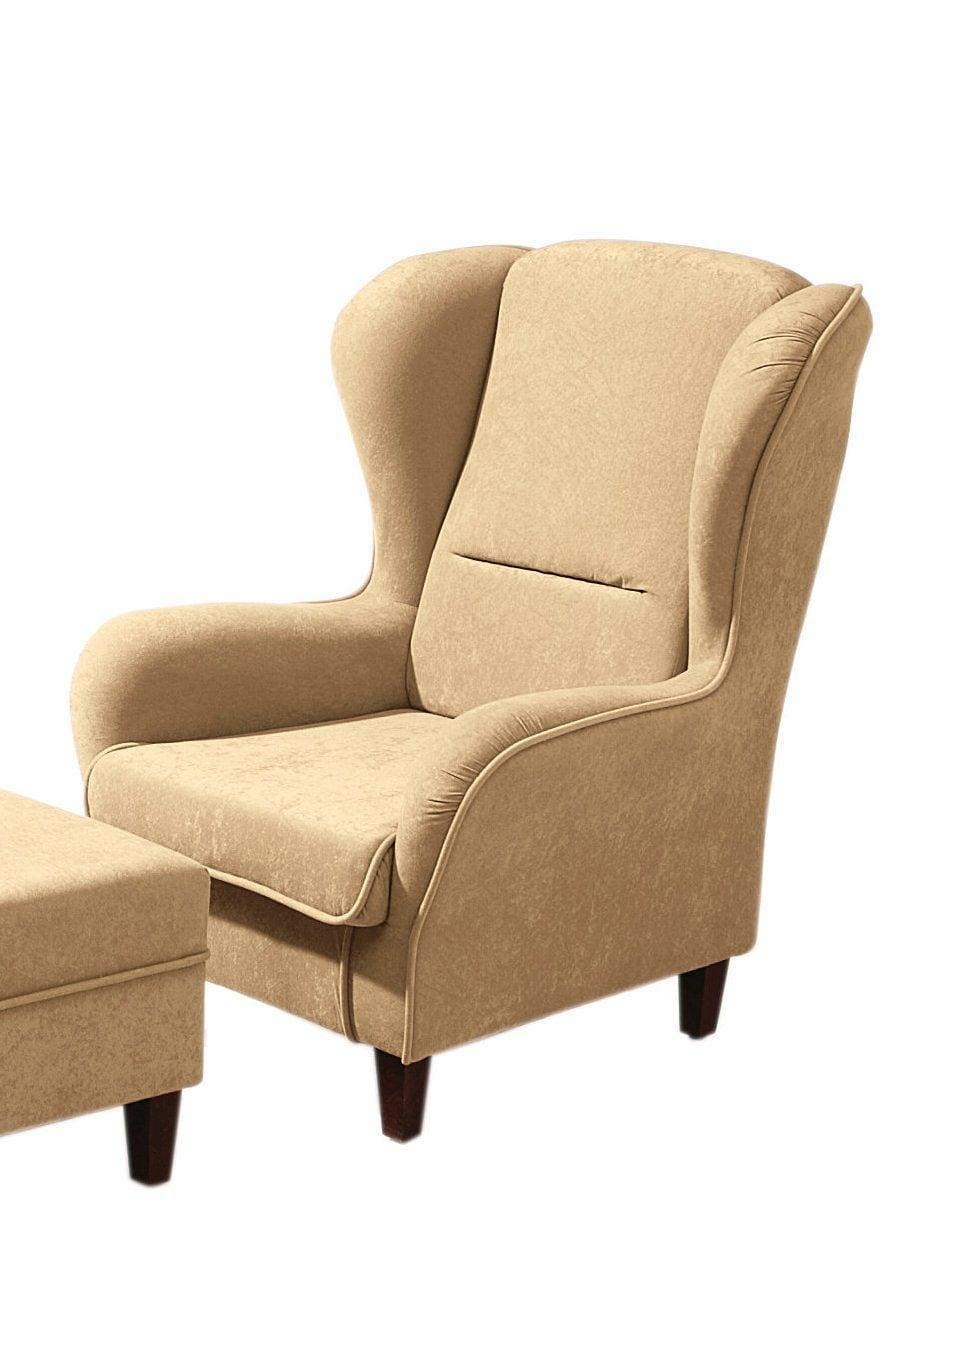 ohrenbackensessel serie nicola preise vergleichen und g nstig einkaufen bei der preis. Black Bedroom Furniture Sets. Home Design Ideas